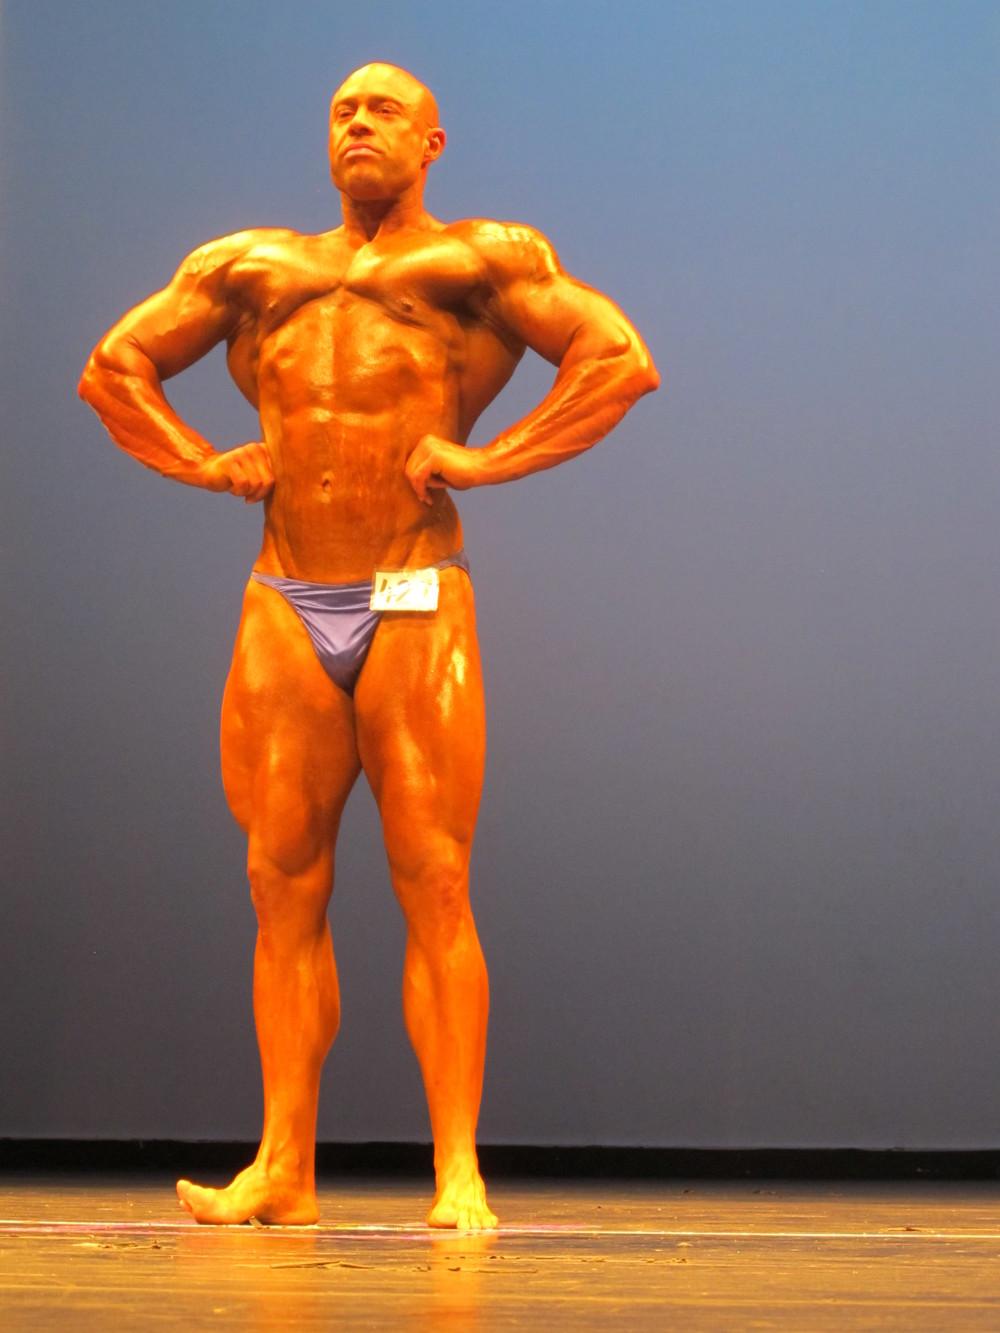 bodybuilding 240.jpg